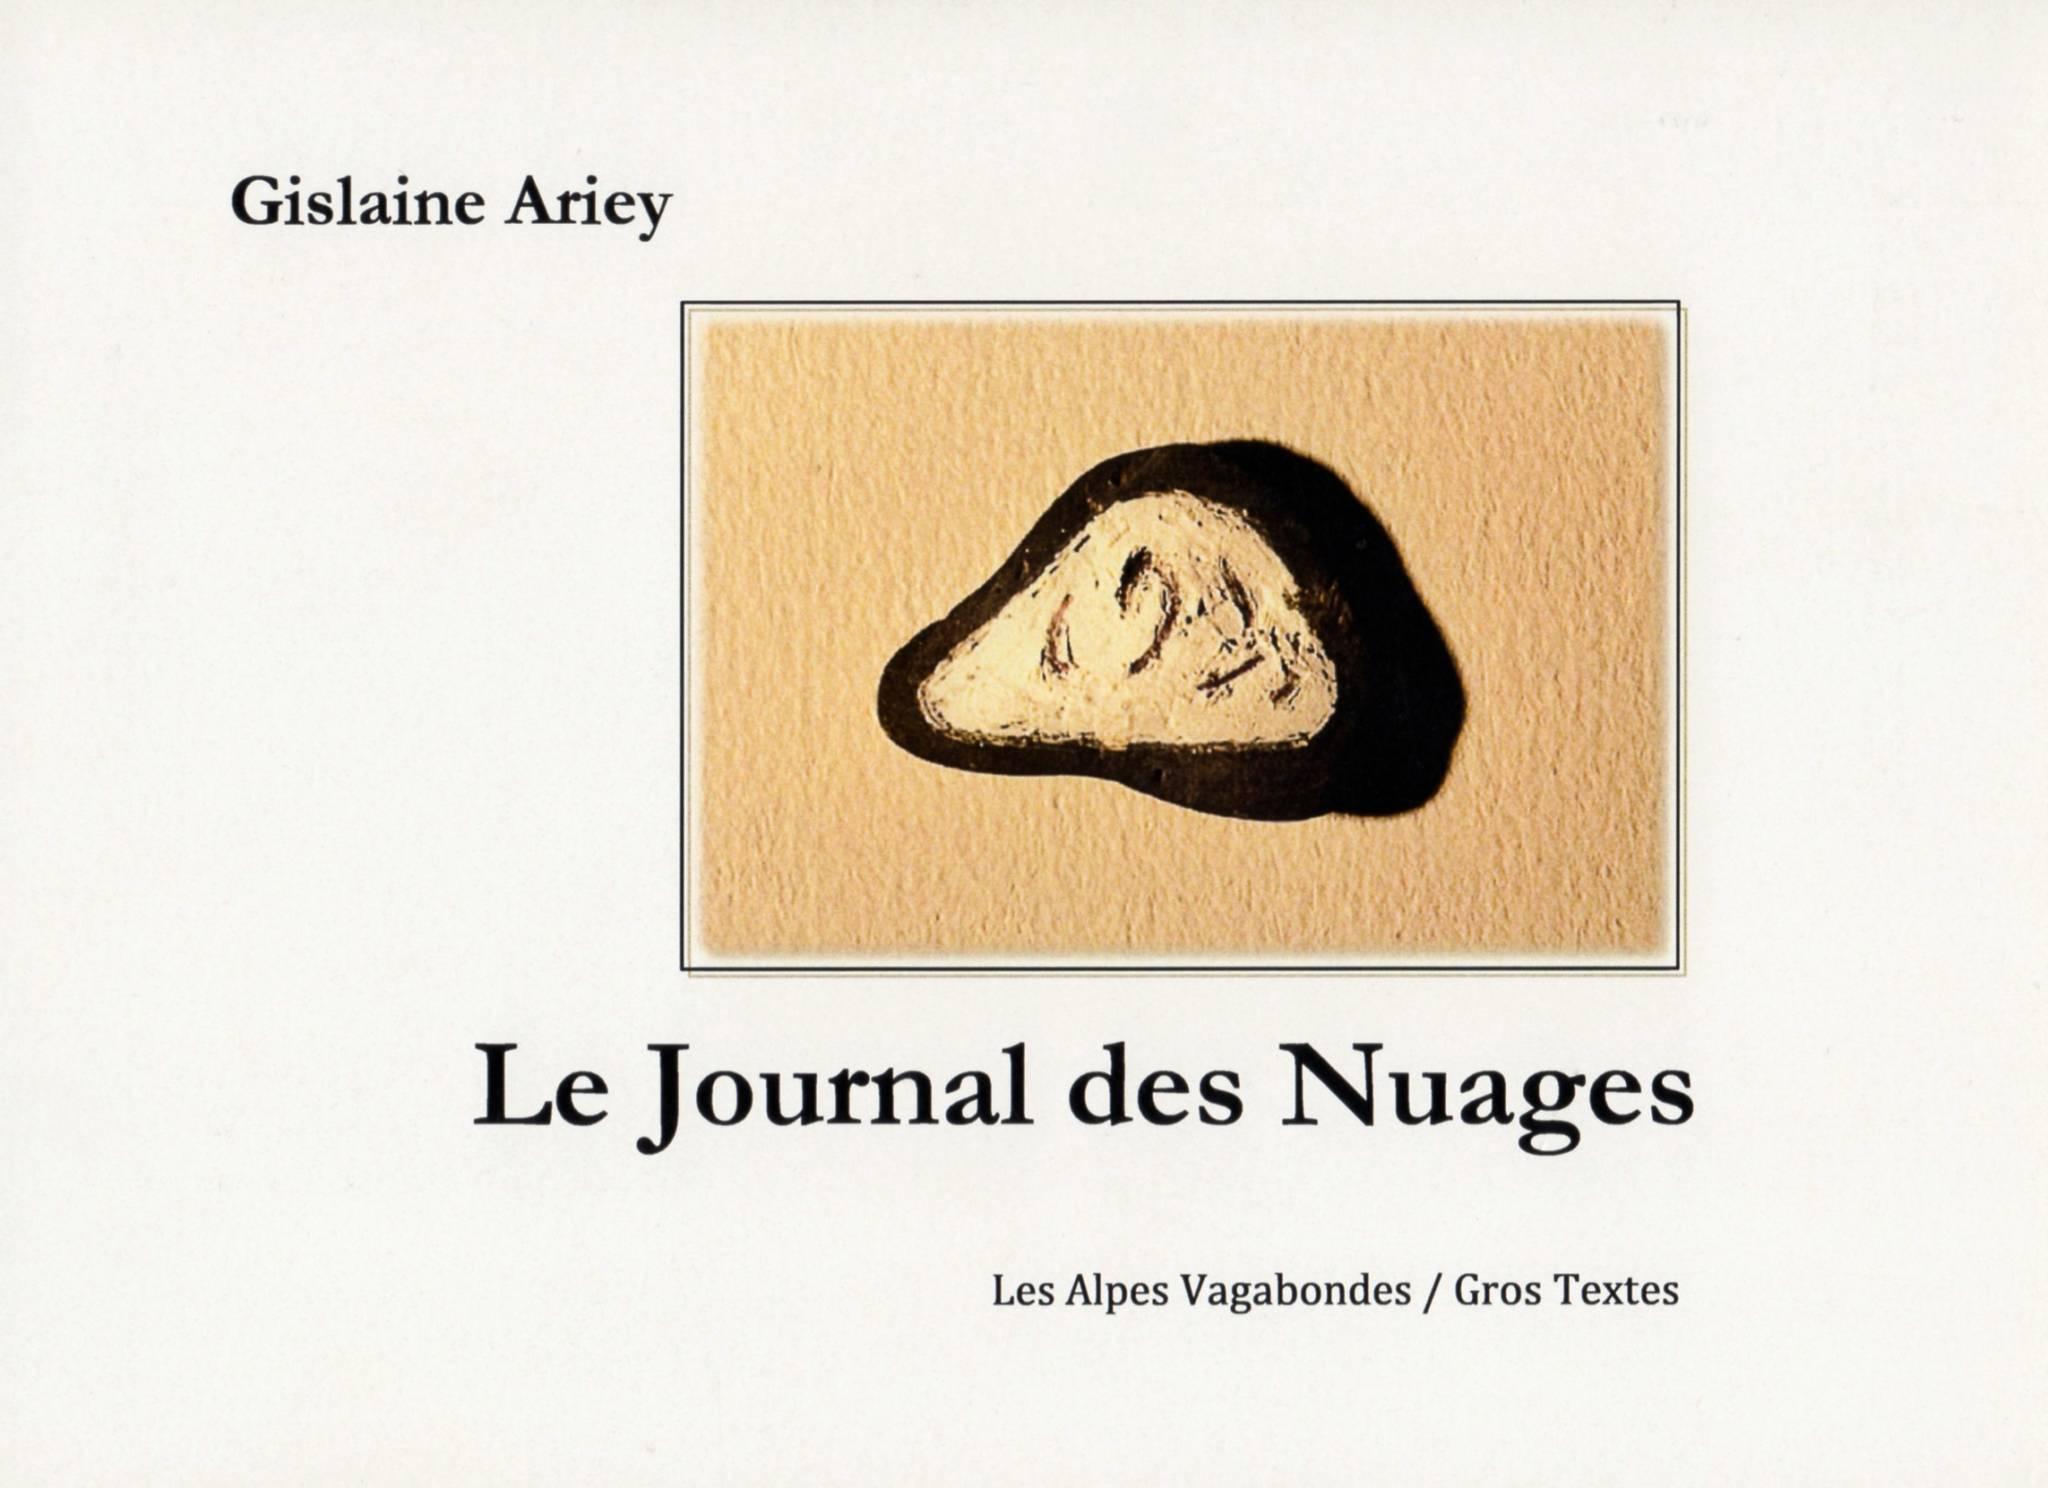 Le Journal des Nuages Gislaine Ariey écrivain